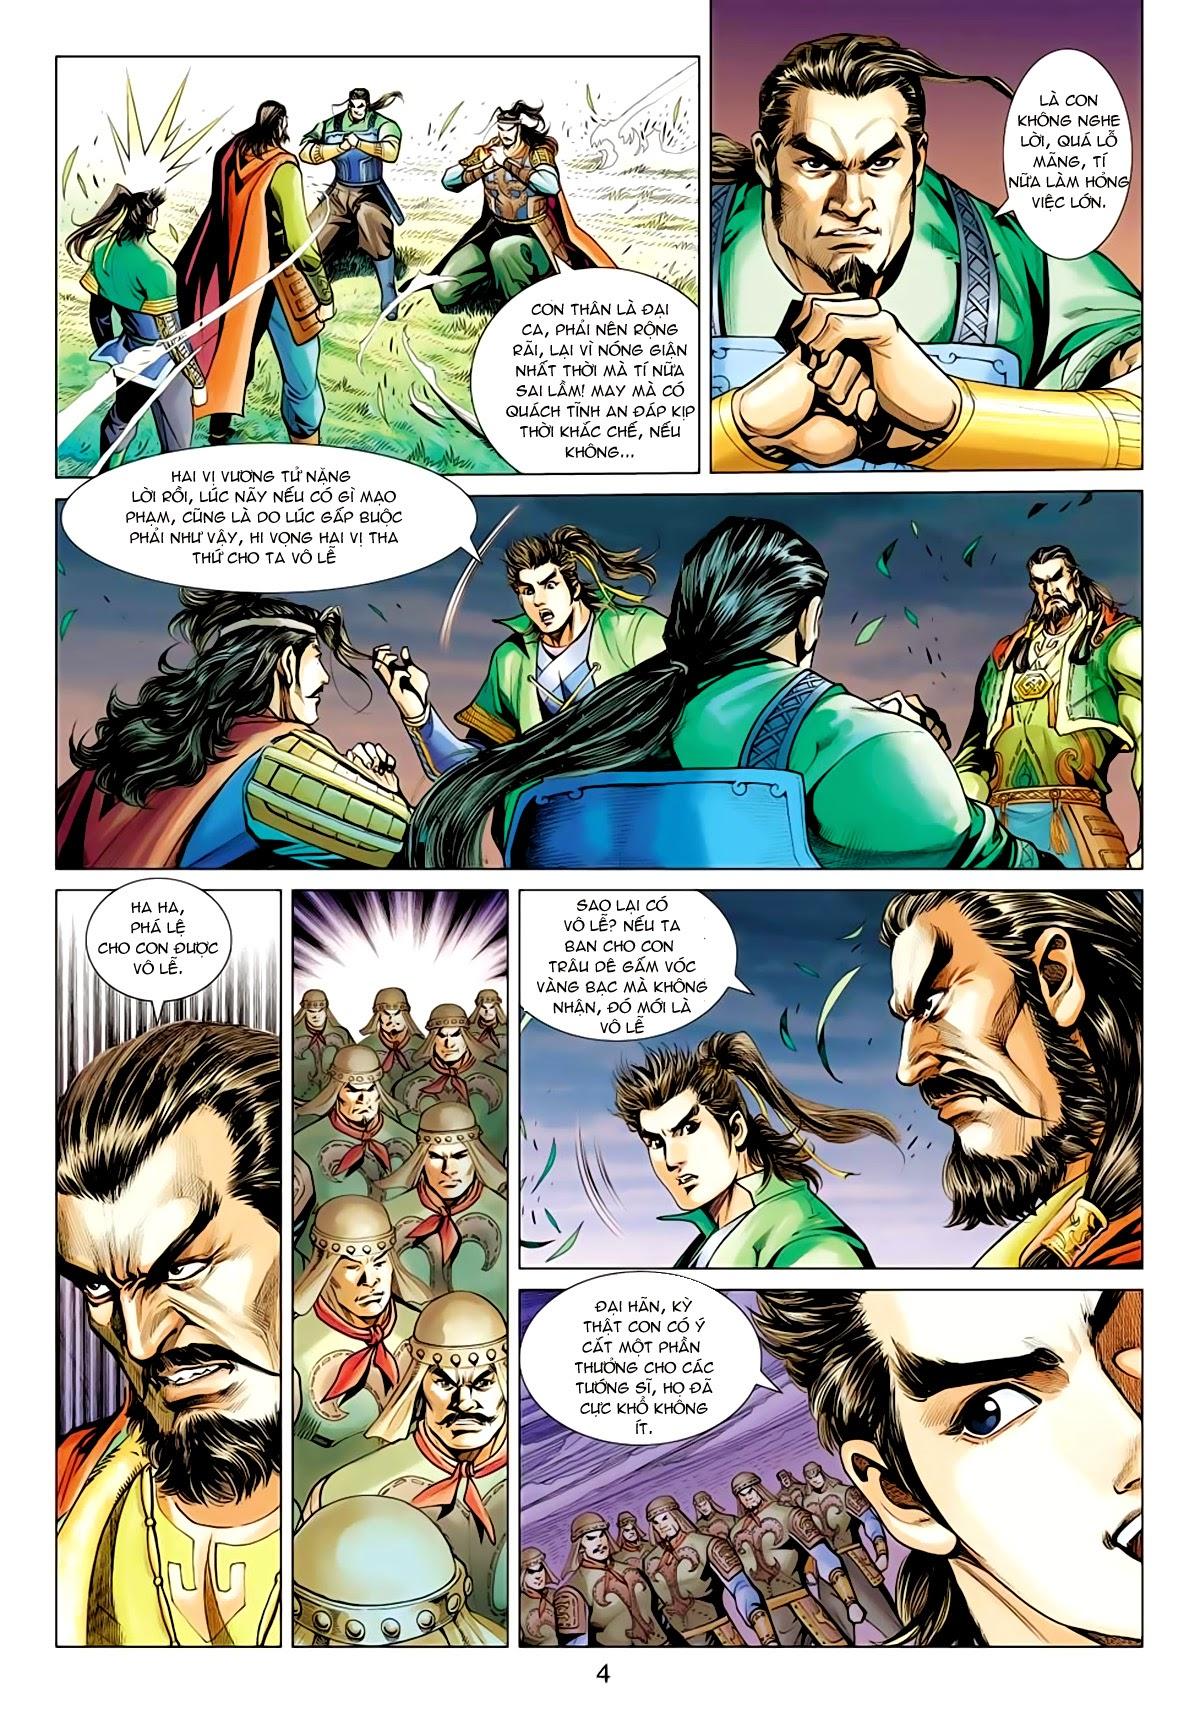 xem truyen moi - Anh Hùng Xạ Điêu - Chapter 93: Xảo kế cầm hung